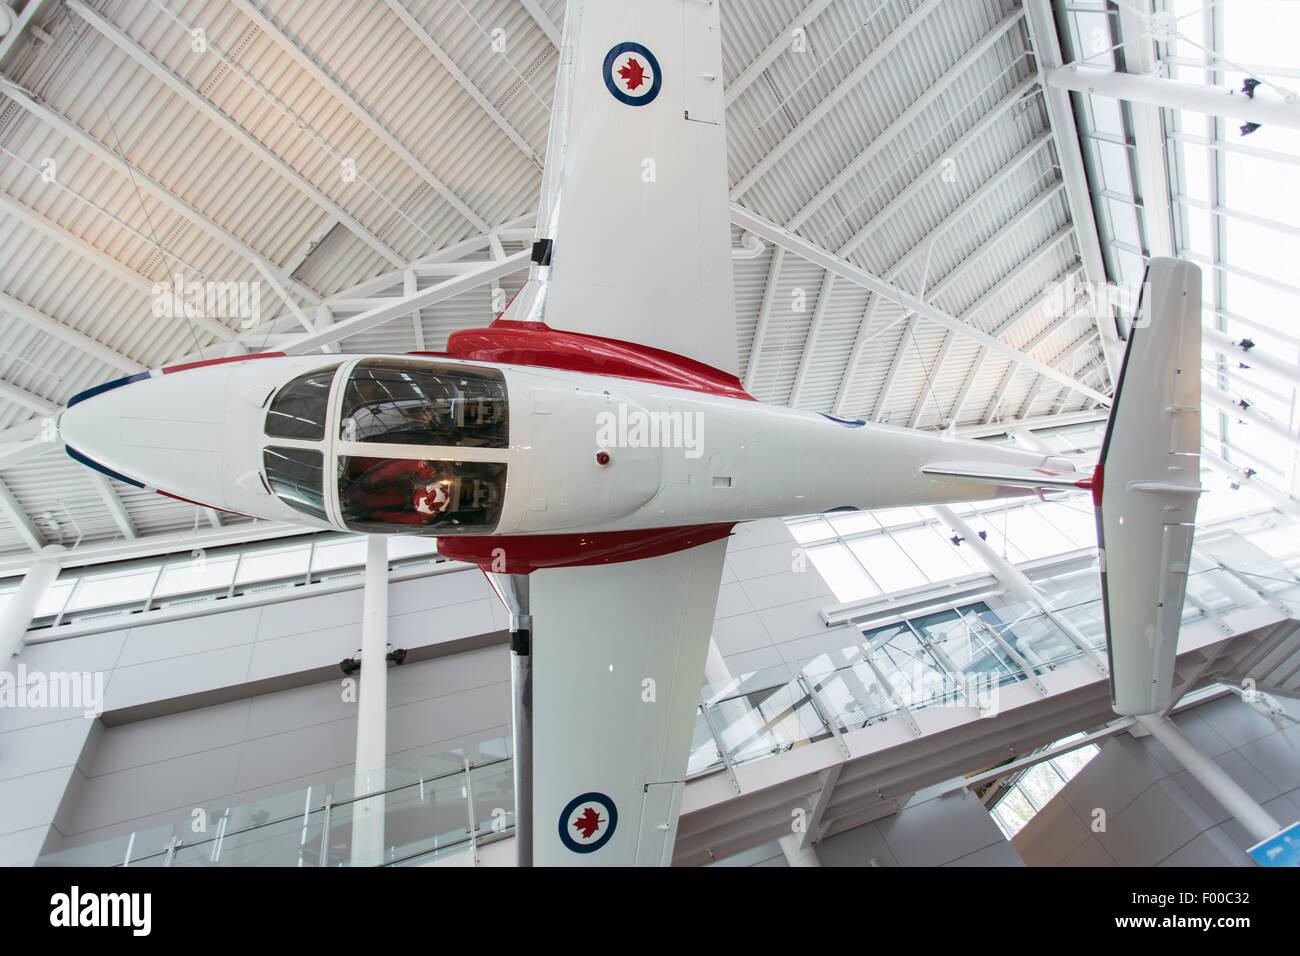 Ontario,Canadá, Ottawa, Canadá, la aviación y el Museo del Espacio, Canadair CT-114 Tutor Foto de stock